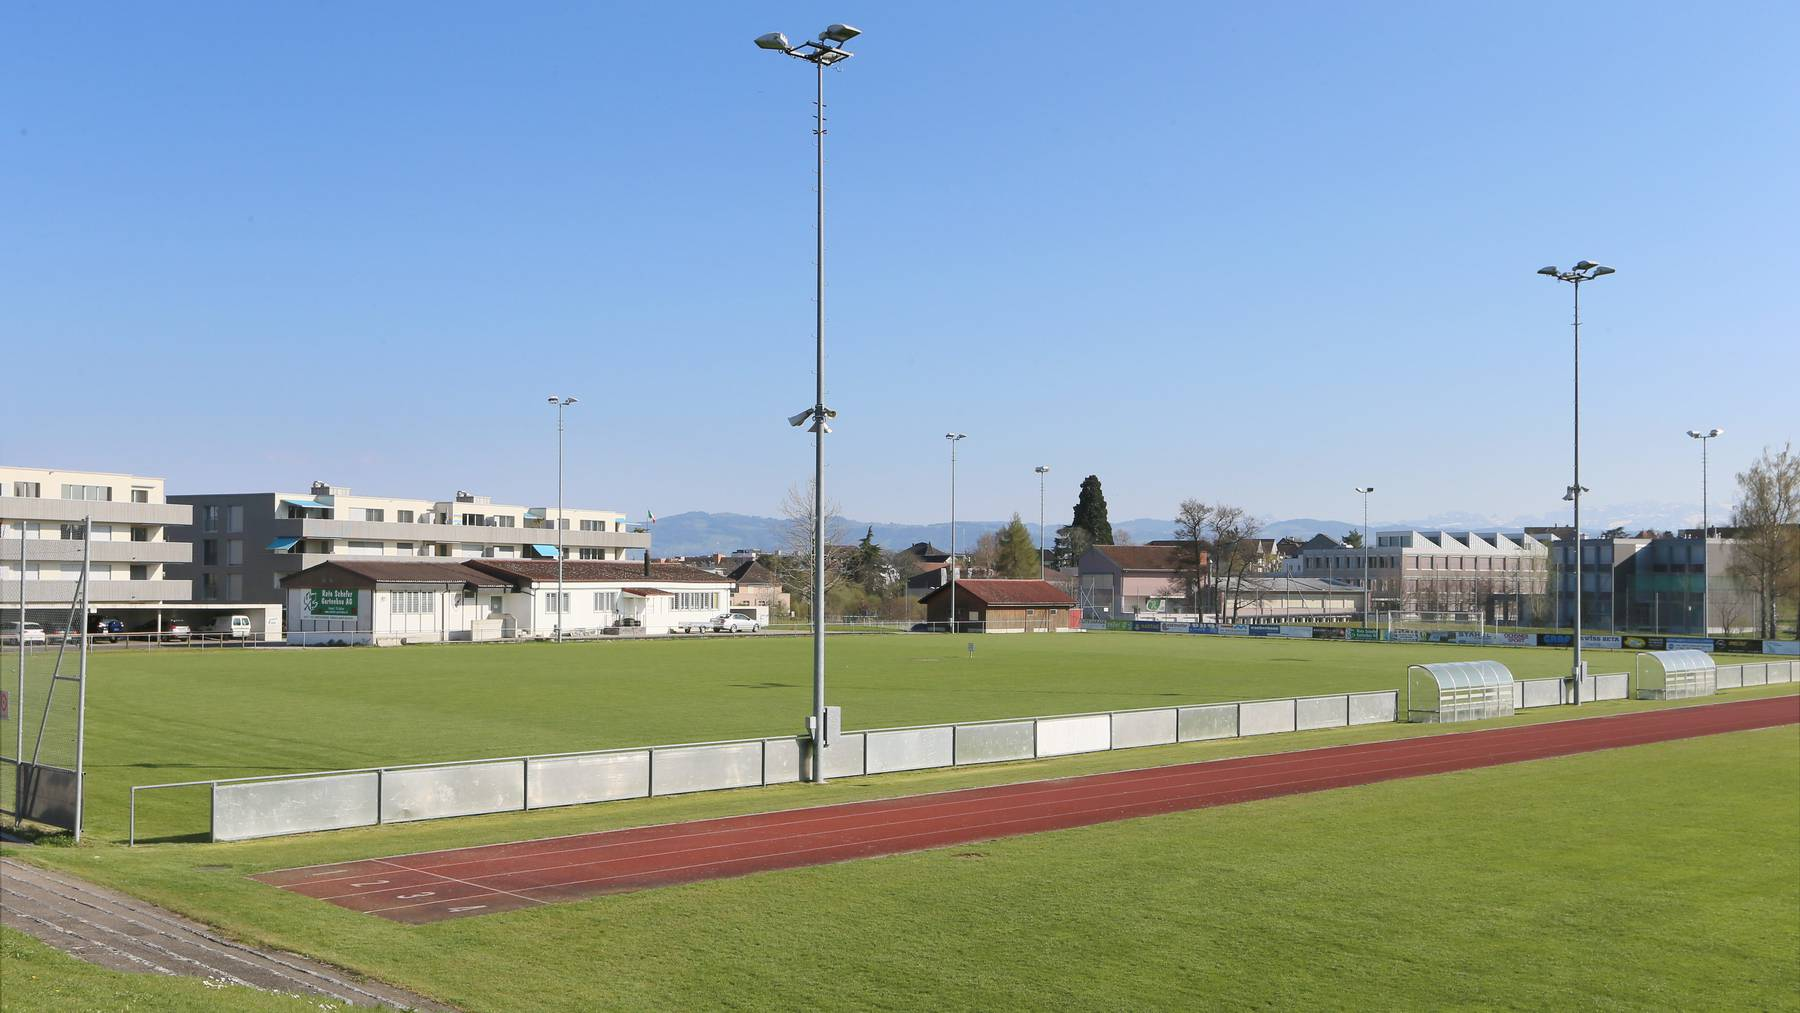 Der Juniorenfussball-Match auf der Sportanlage Weitenzelg in Romanshorn endete mit einer Schlägerei – ein Spieler wurde verletzt ins Spital gebracht.